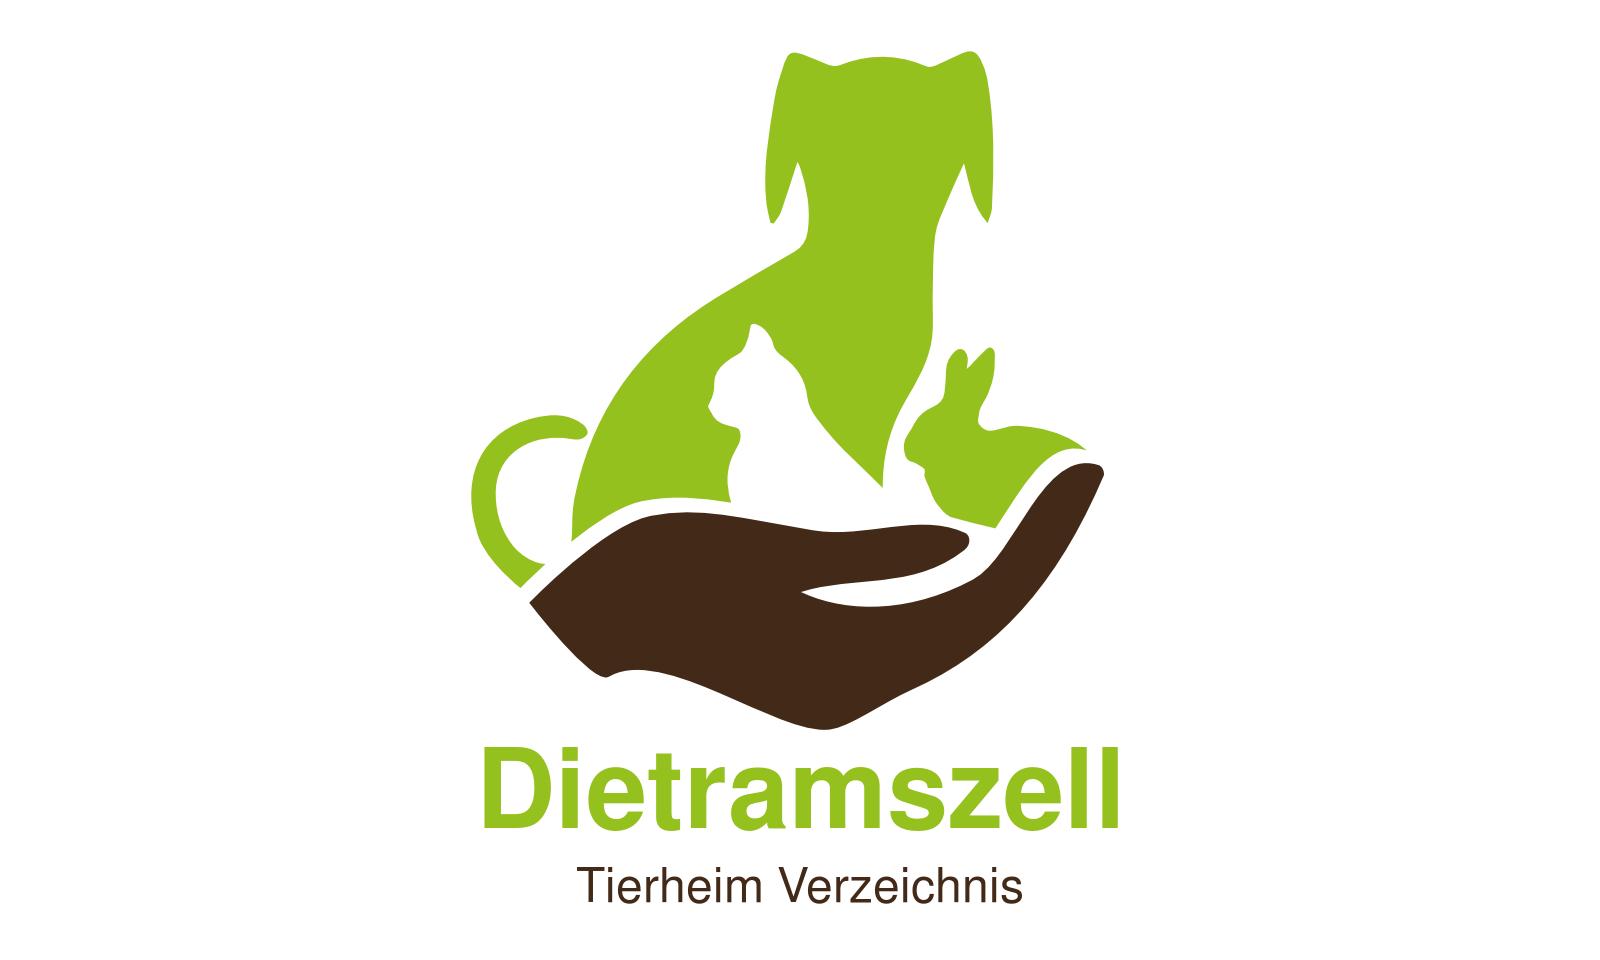 Tierheim Dietramszell